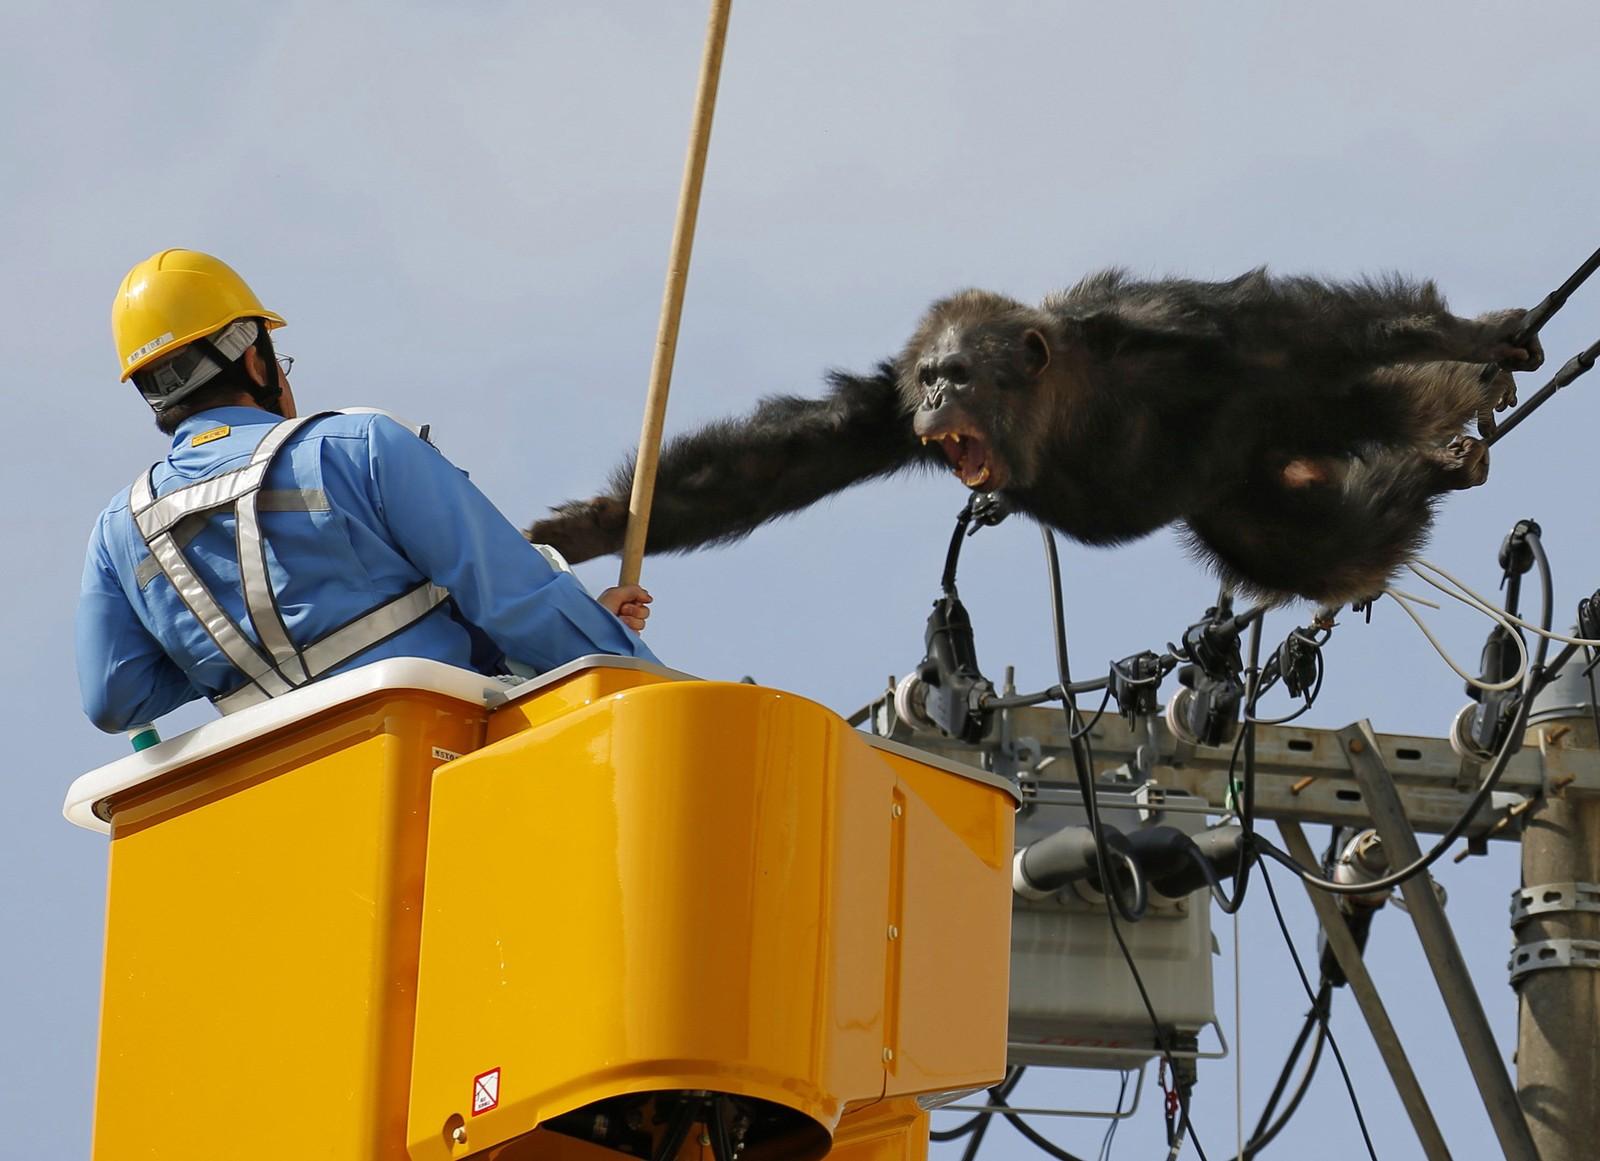 GÅ VEKK! Sjimpansen Cha Cha rømte fra Yagiyama dyrehage i Sendai i Japan torsdag denne uka. Han klatret opp i strømledningene i et forsøk på å komme seg unna forfølgerne, men måtte til slutt gi slipp etter at han ble truffet av en bedøvelsespil.